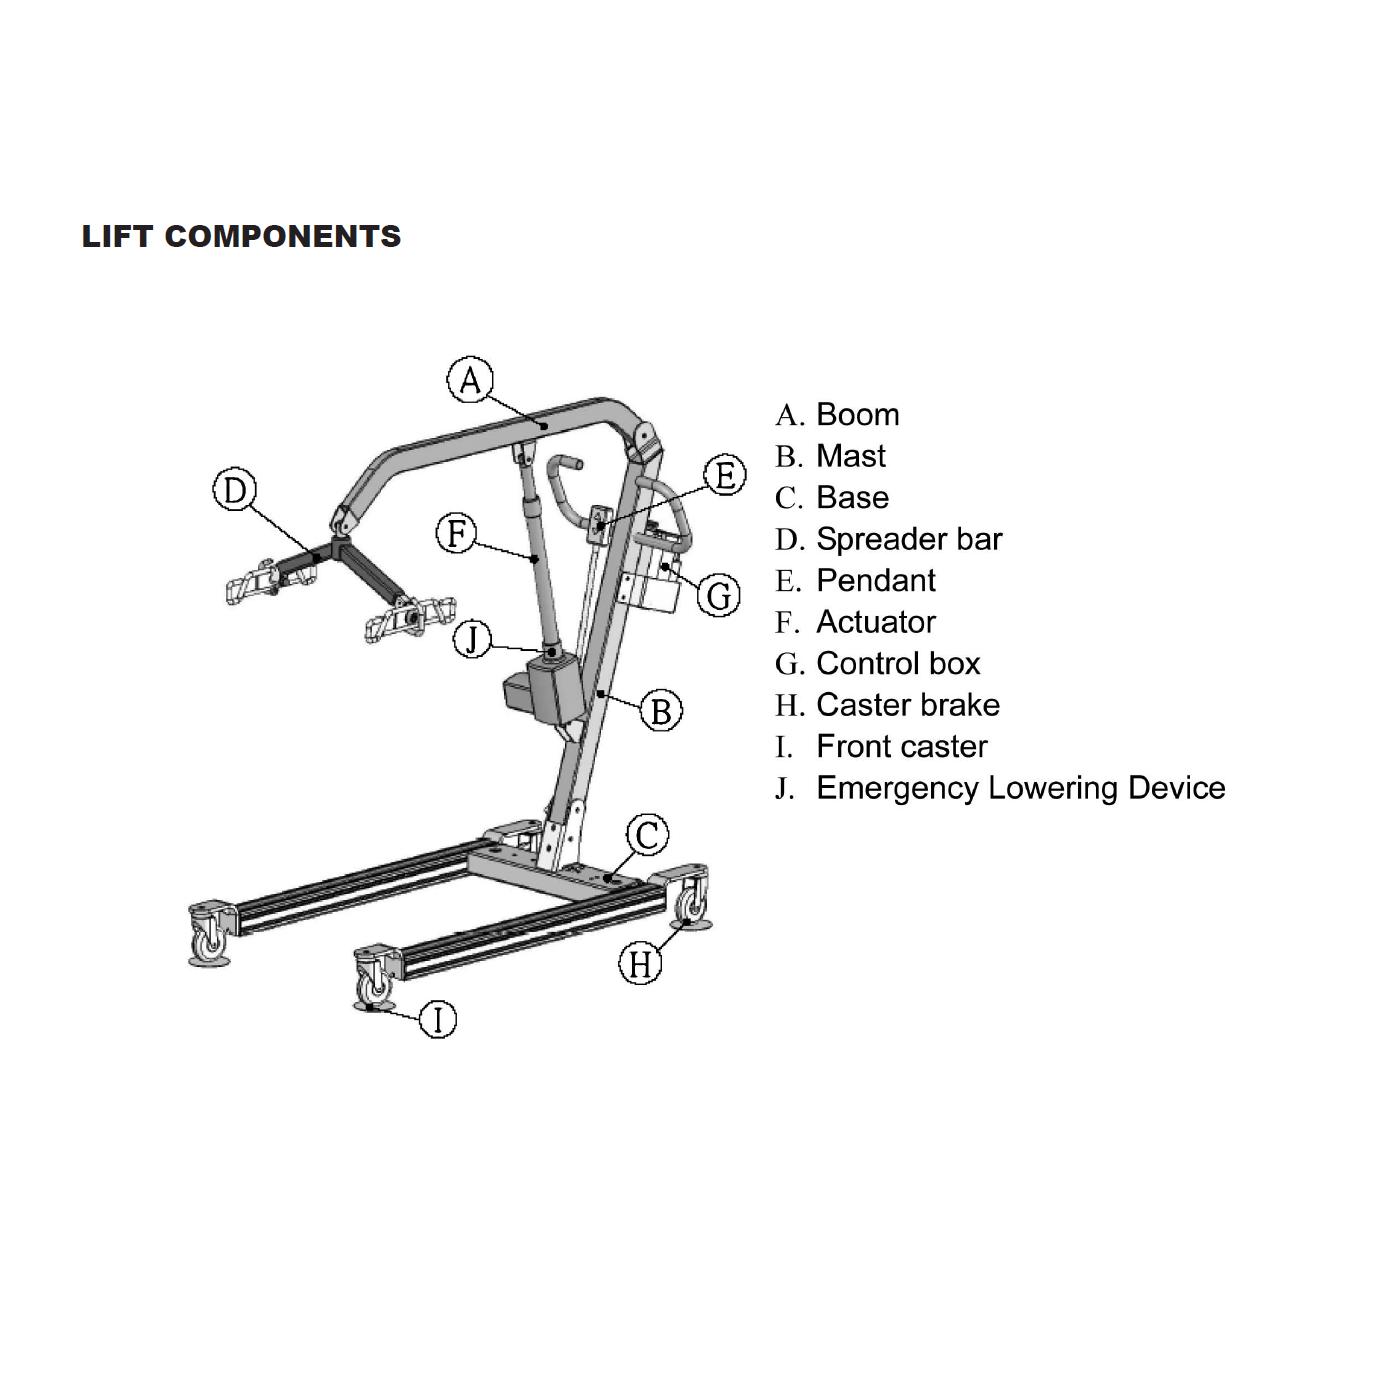 Lumex Patient Lift Components